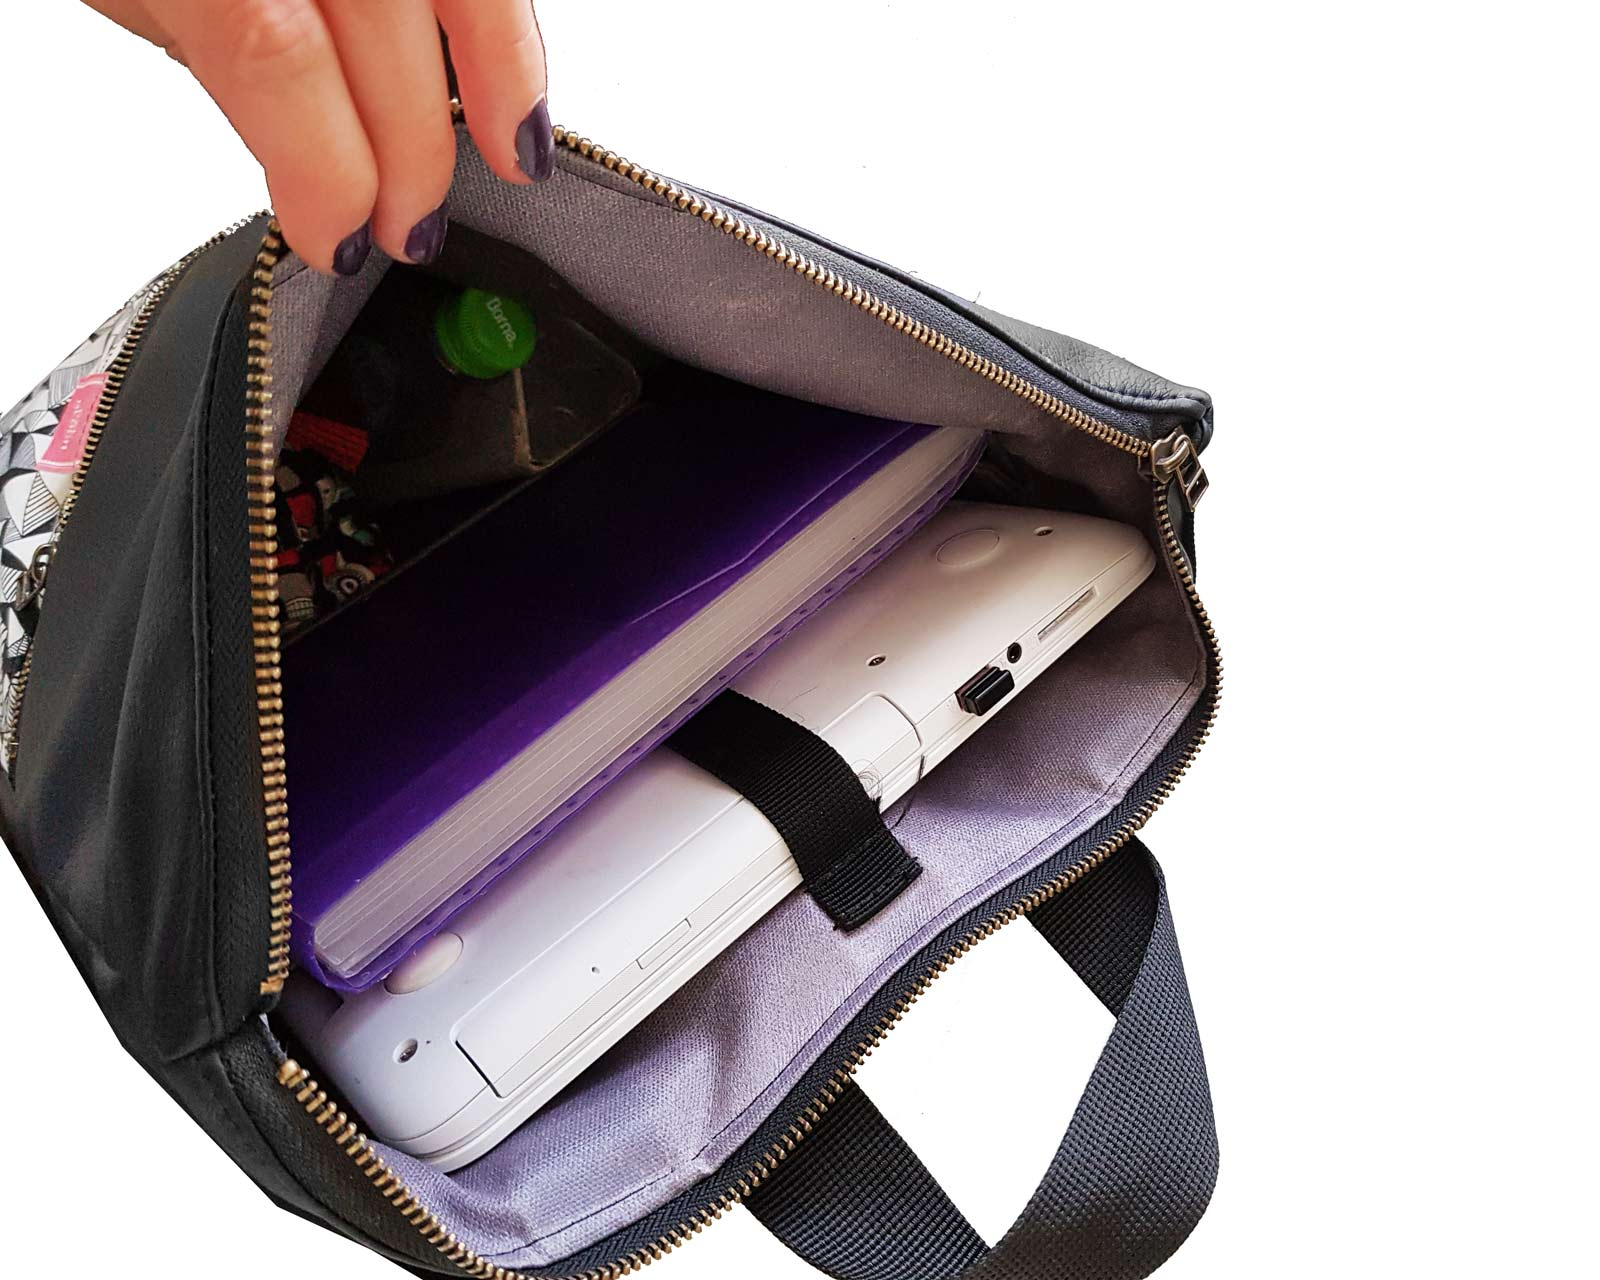 תיק גב ללפטופ - עם תא ייעודי למחשב נייד laptop backpack